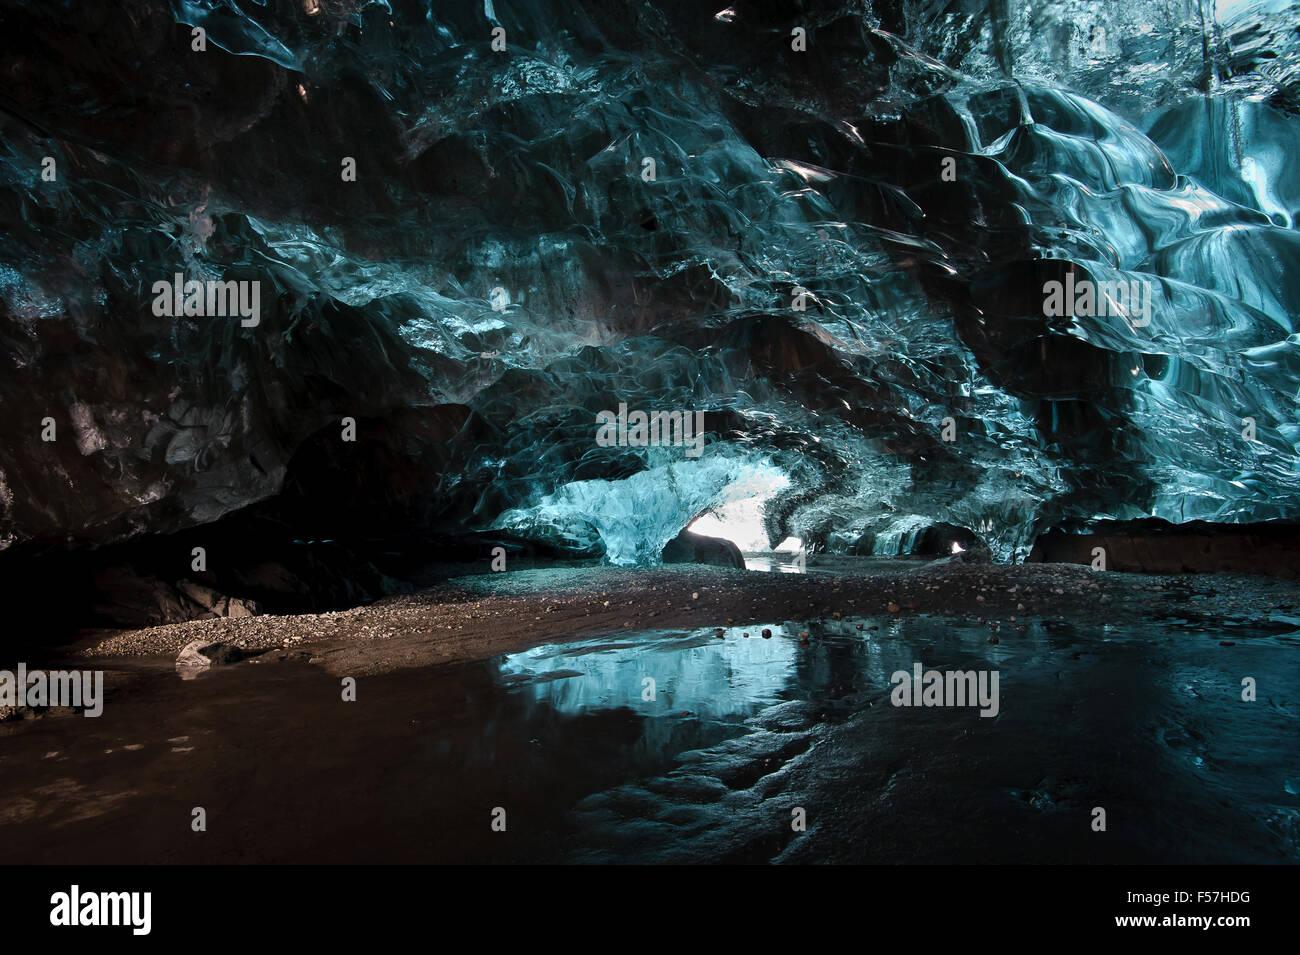 Ice cave iceland in the Vatnajokull glacier . - Stock Image